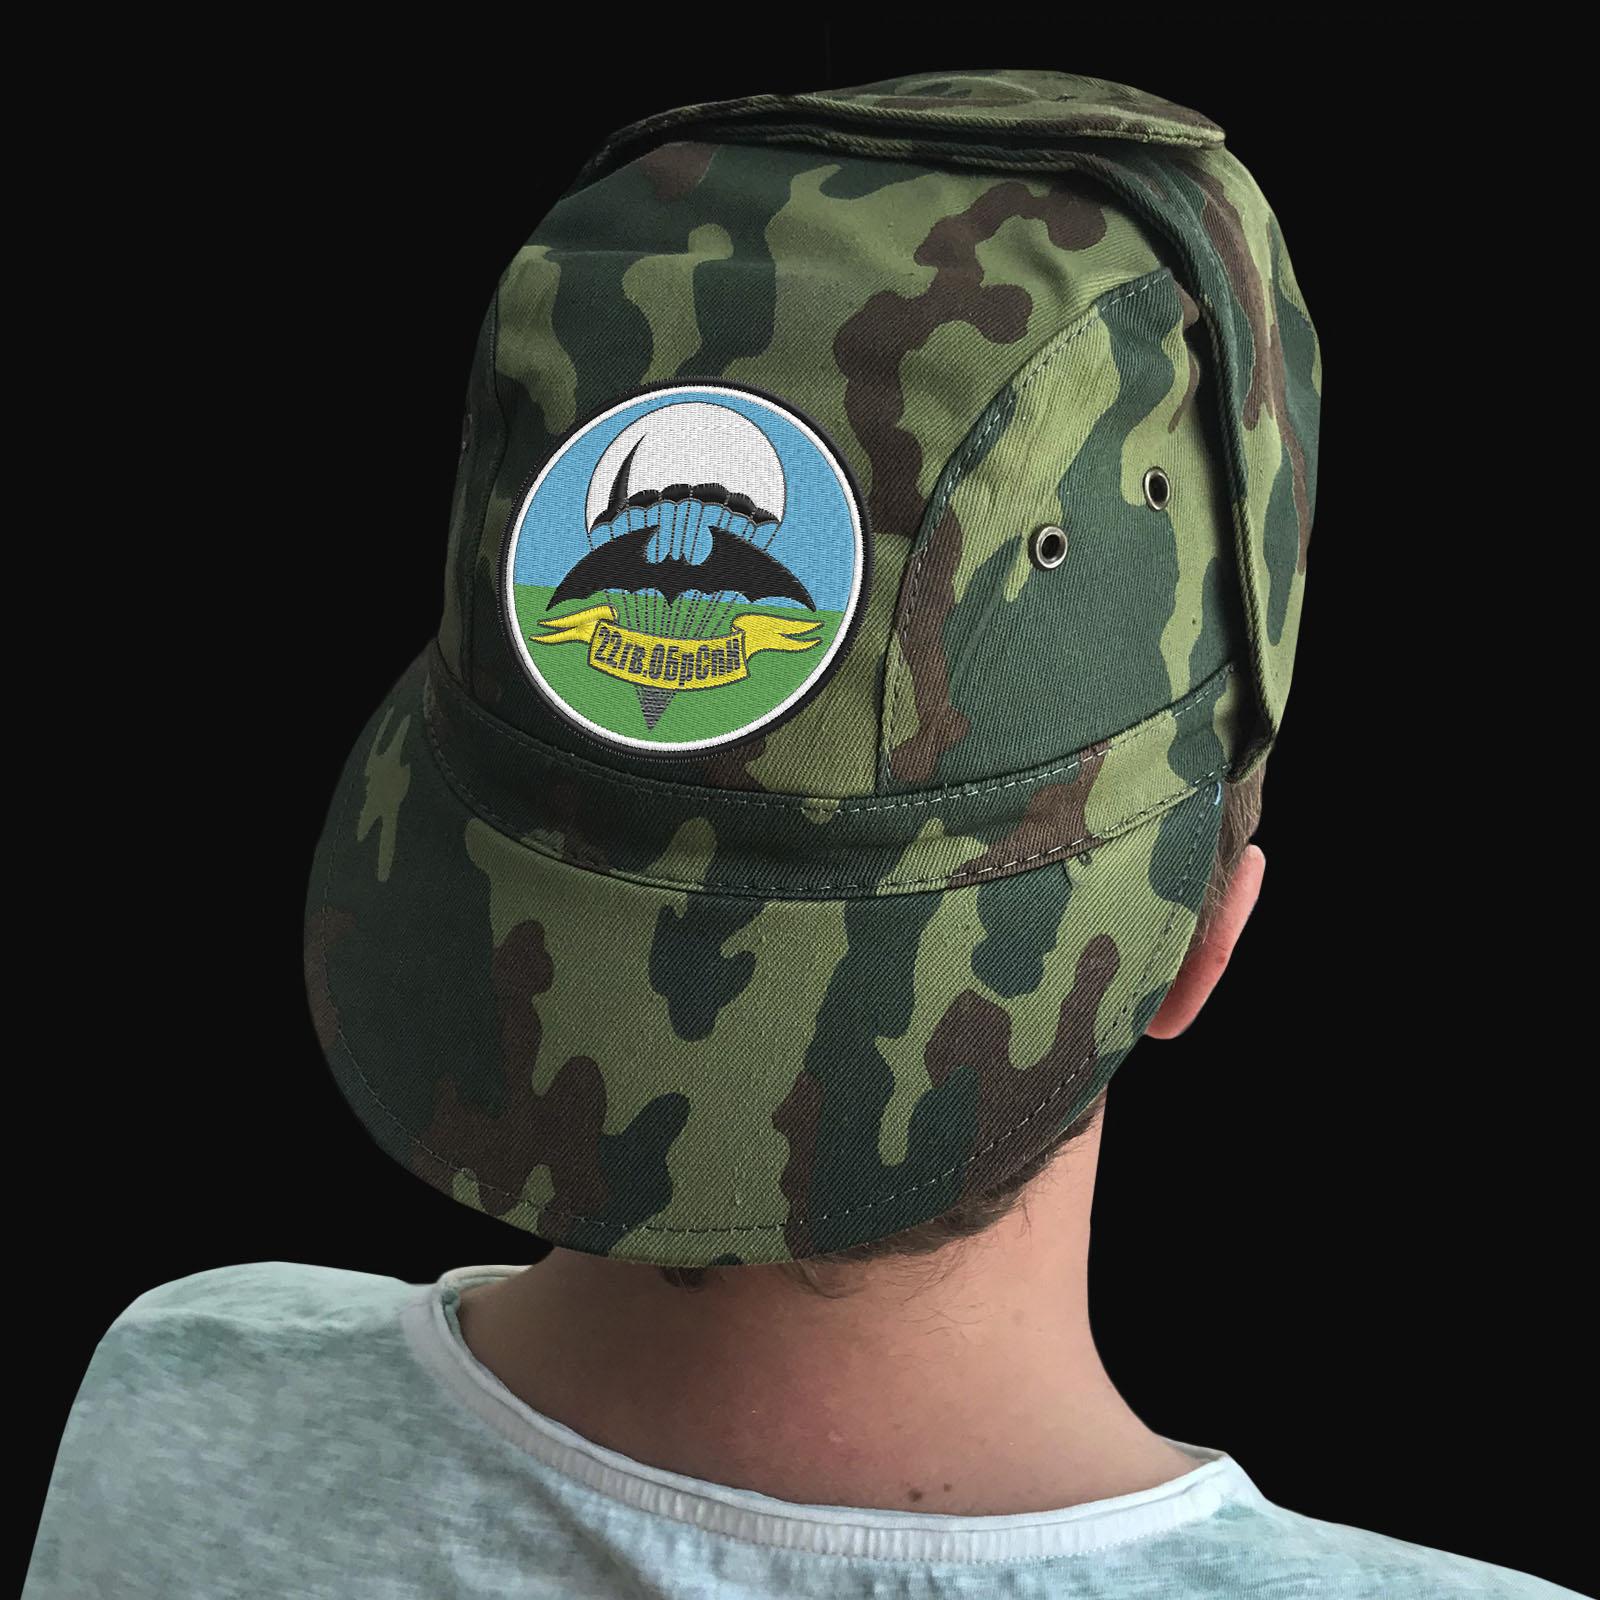 Современная тактическая кепка бойца отдельной бригады спецназначения